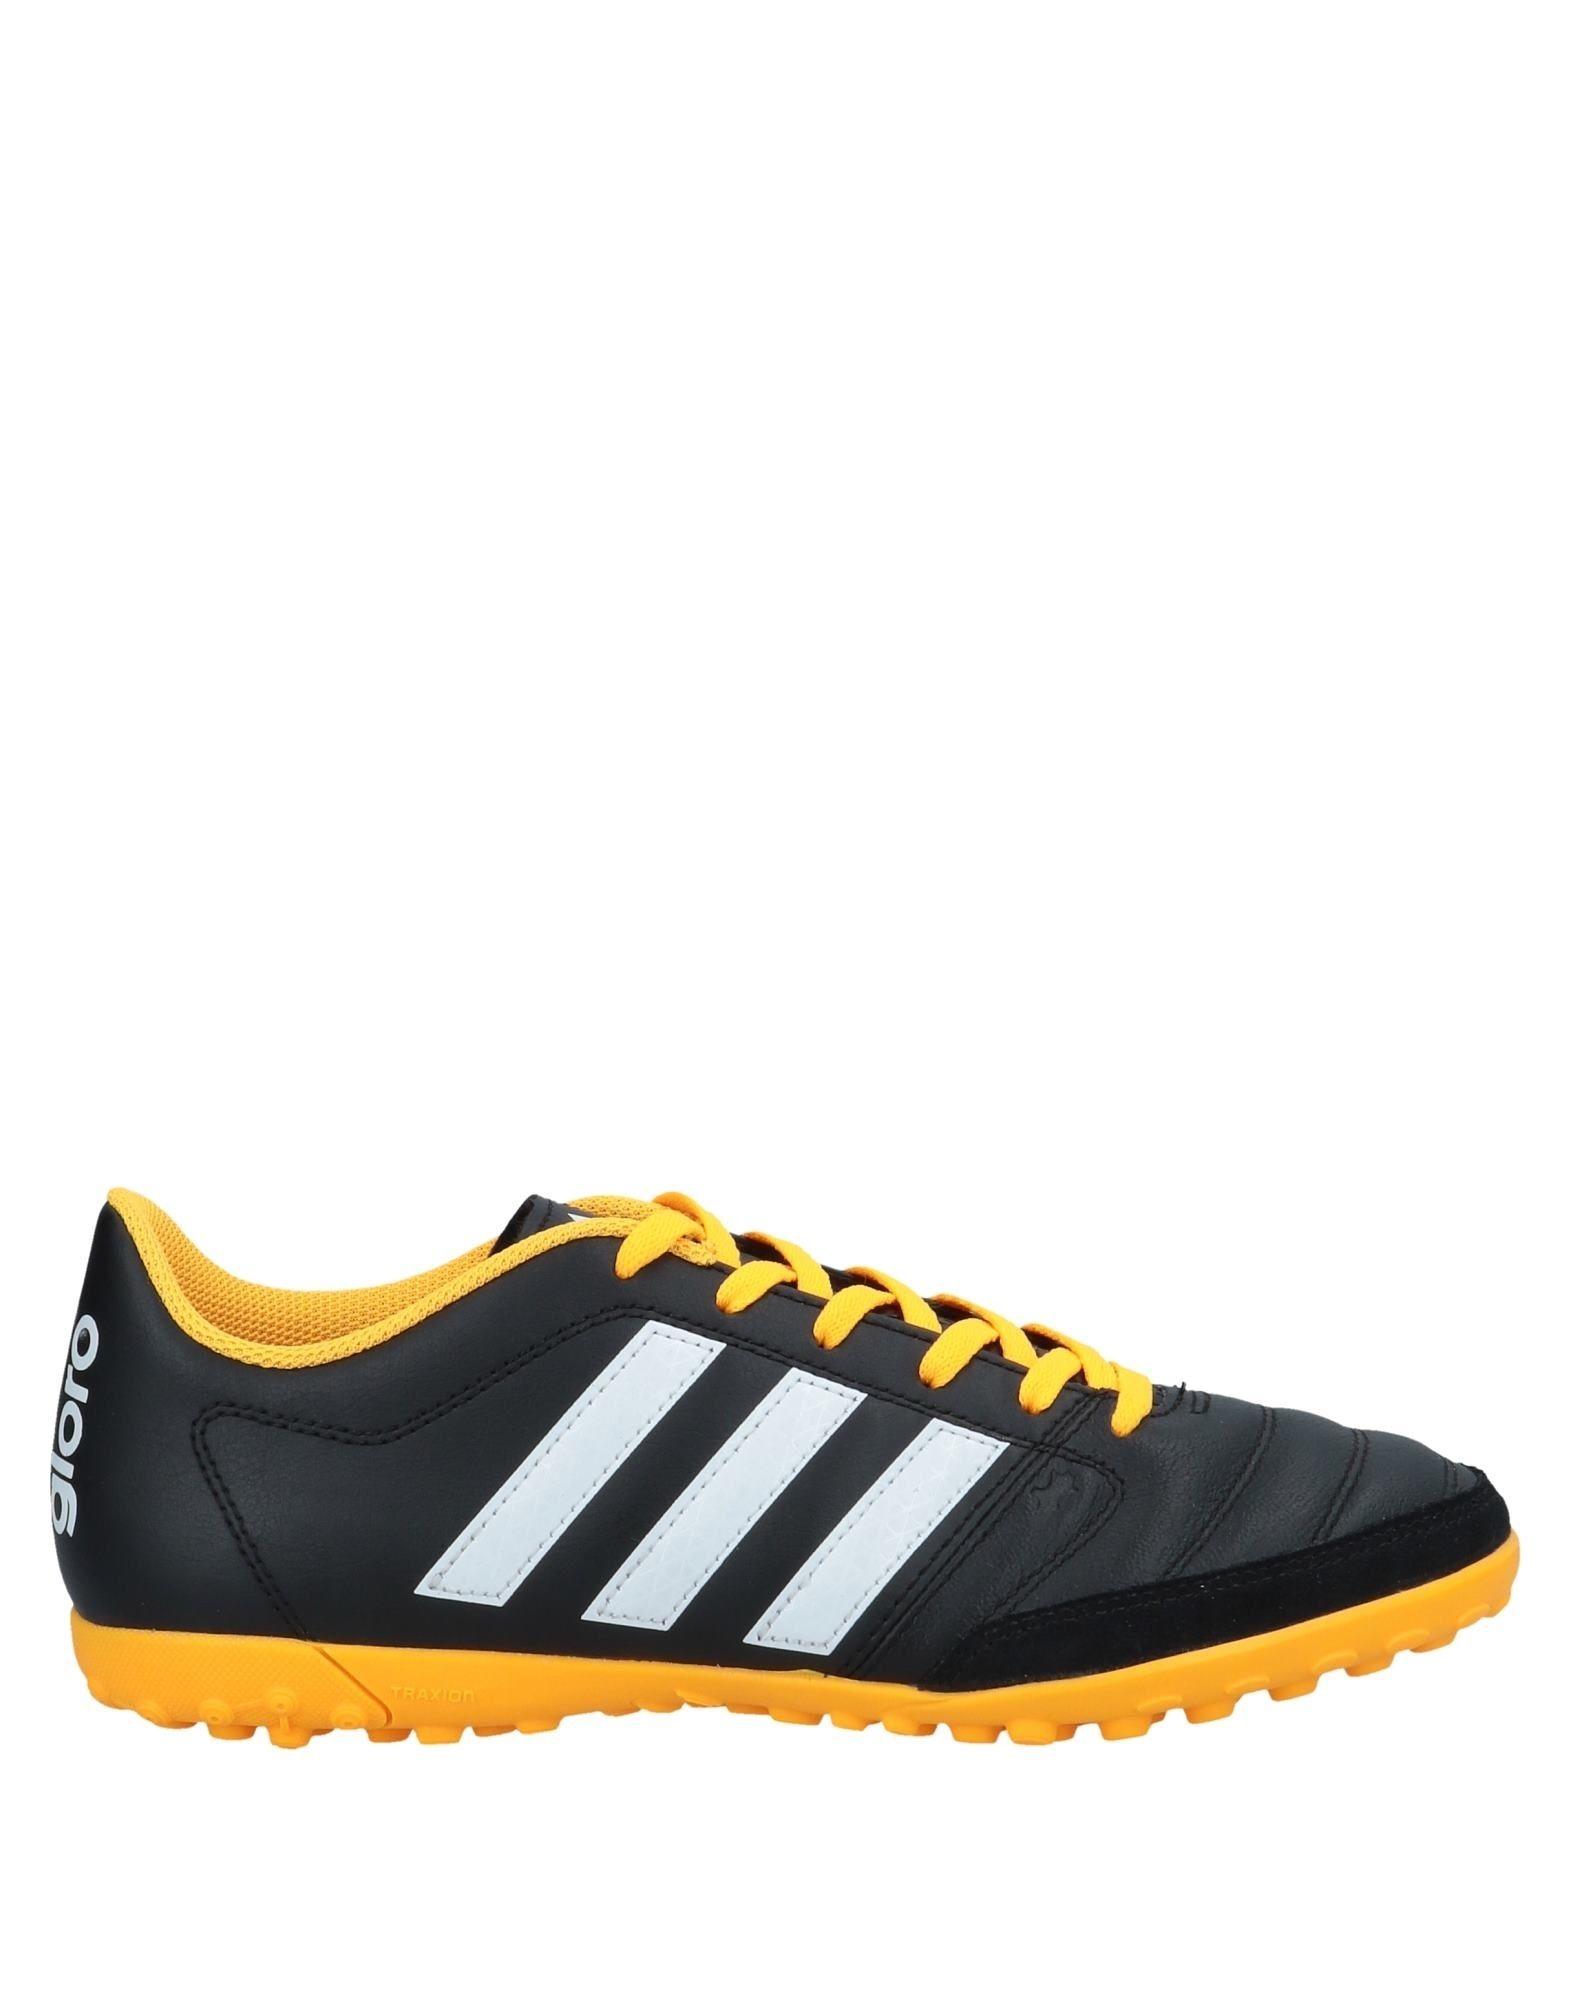 Sneakers Adidas Uomo - 11555236HF elegante